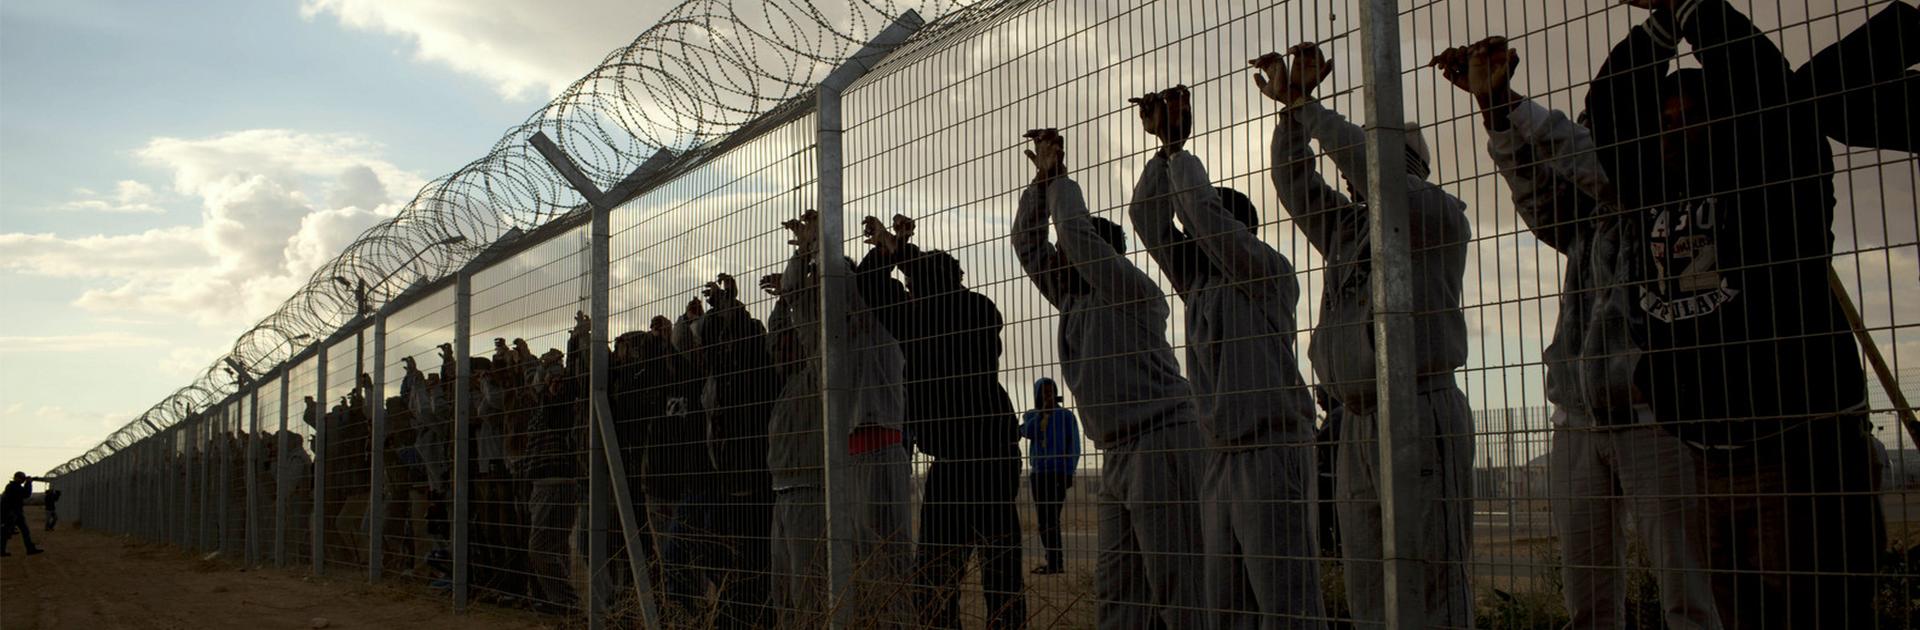 إسرائيل: الأورومتوسطي ينتقد قرار السلطات ترحيل 40 ألف مهاجر أفريقي بالقوة